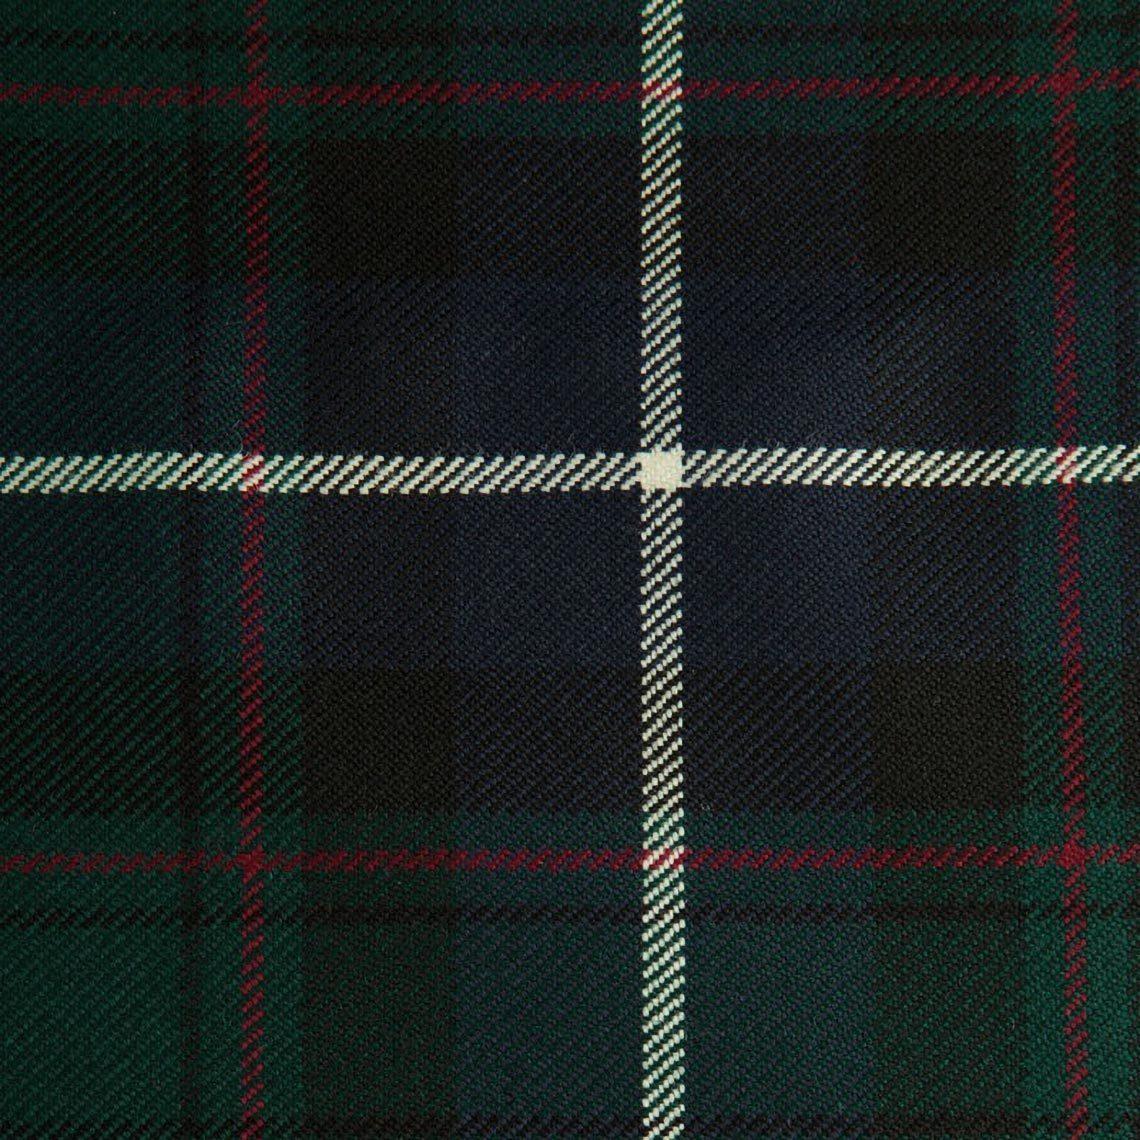 MacRae Hunting (Modern) Kilt